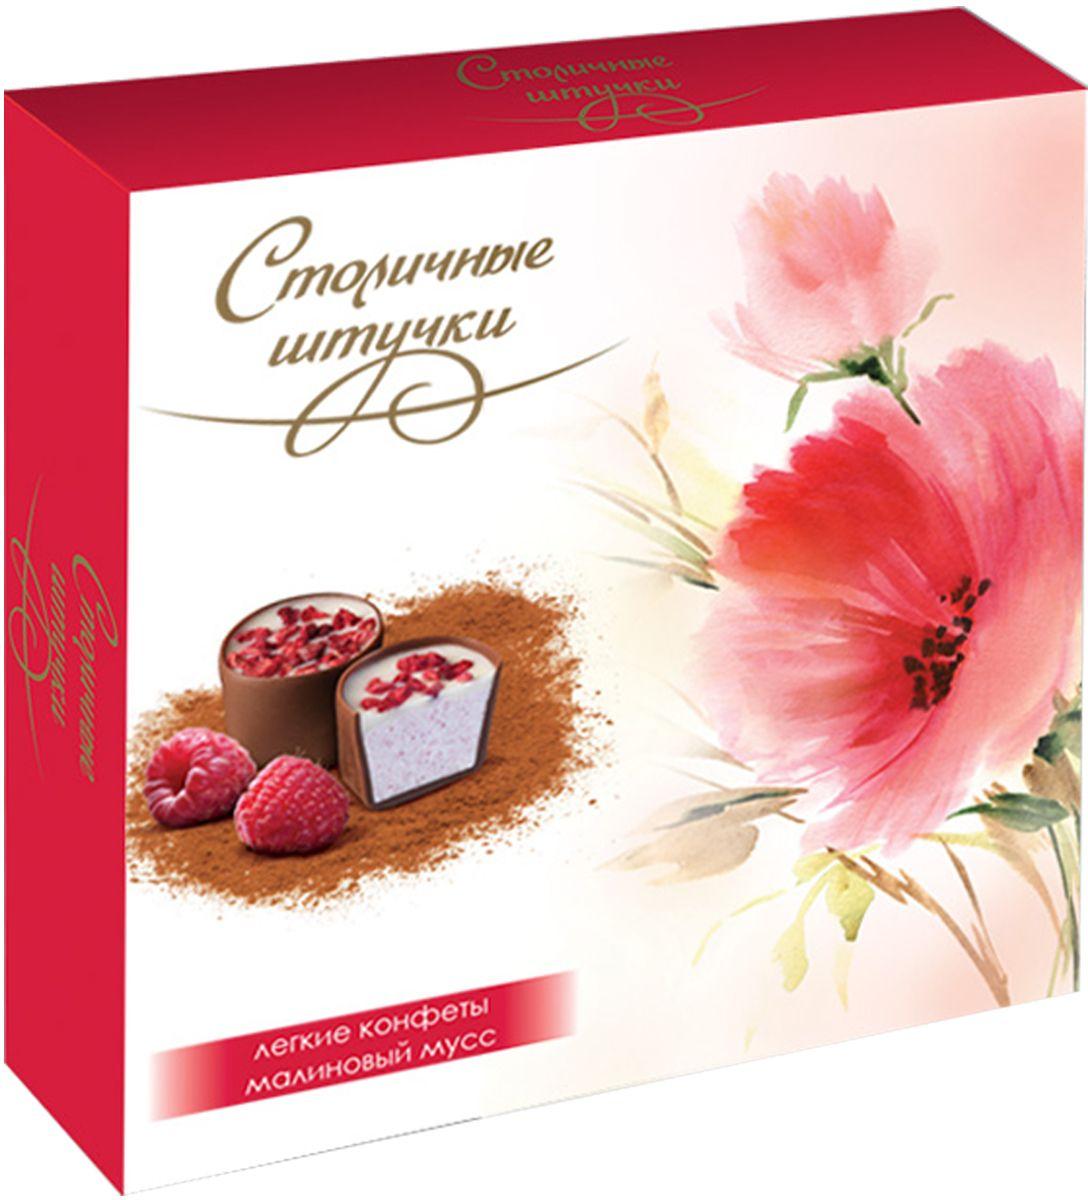 Столичные штучки Конфеты шоколадные с начинкой